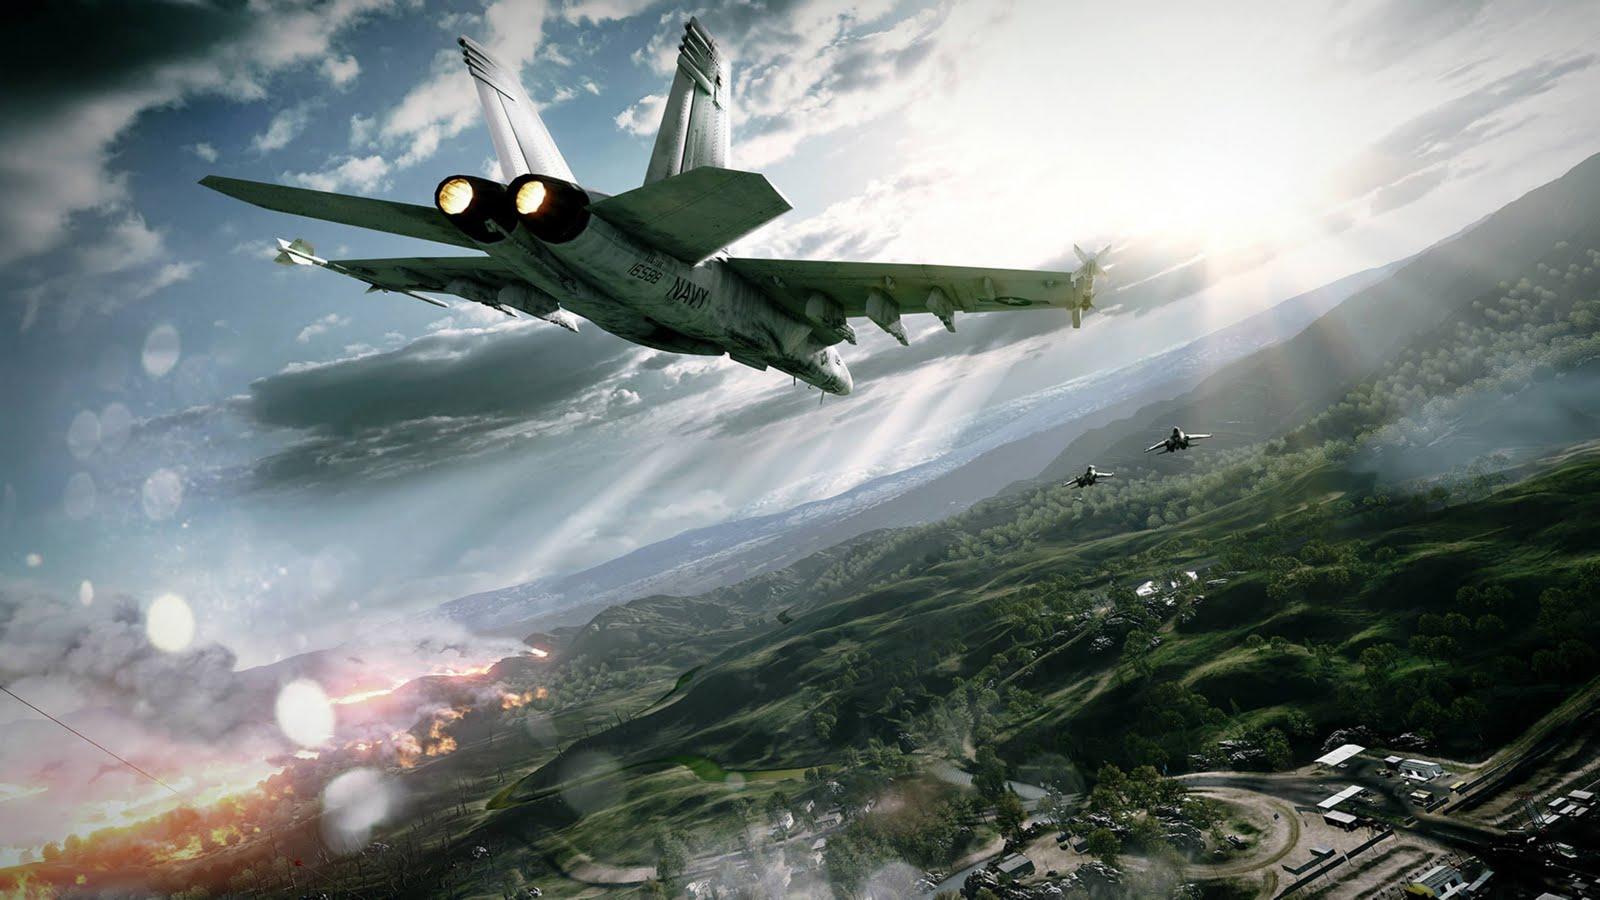 http://4.bp.blogspot.com/-XPJ9Ehn9KTg/TmDvfckqukI/AAAAAAAAACc/7zwnmCB0lvI/s1600/battlefield-3-jet.jpg